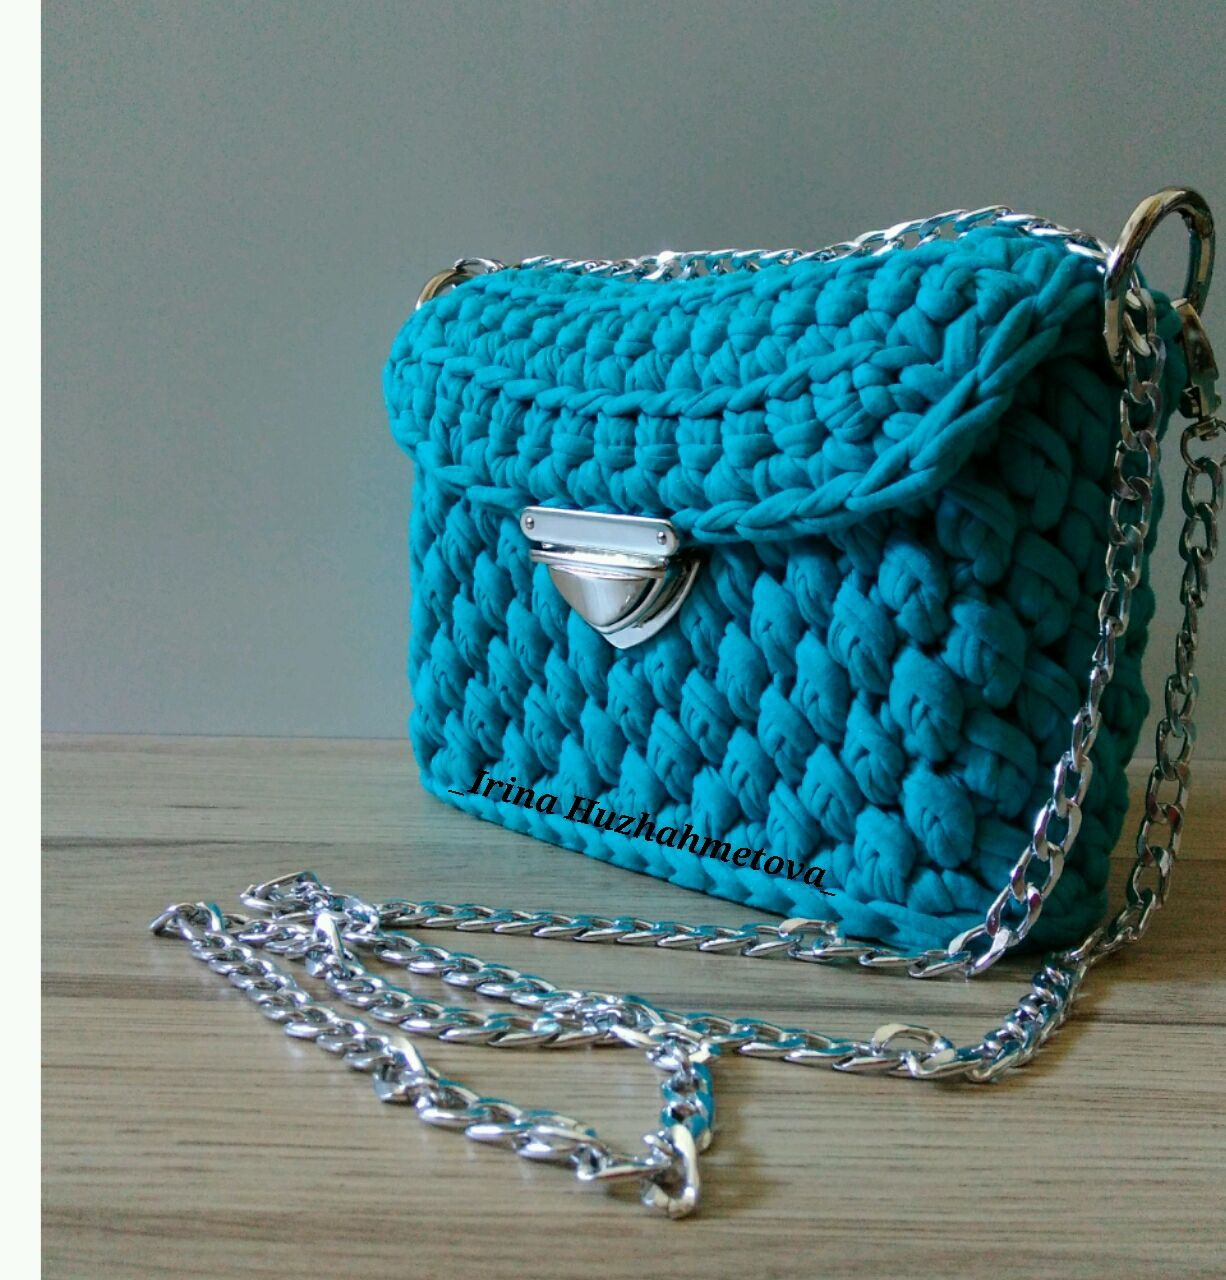 4ac5600fe4c6 Купить Клатч из трикотажной пряжи. - клатч, клатч ручной работы, сумка,  сумка ручной работы